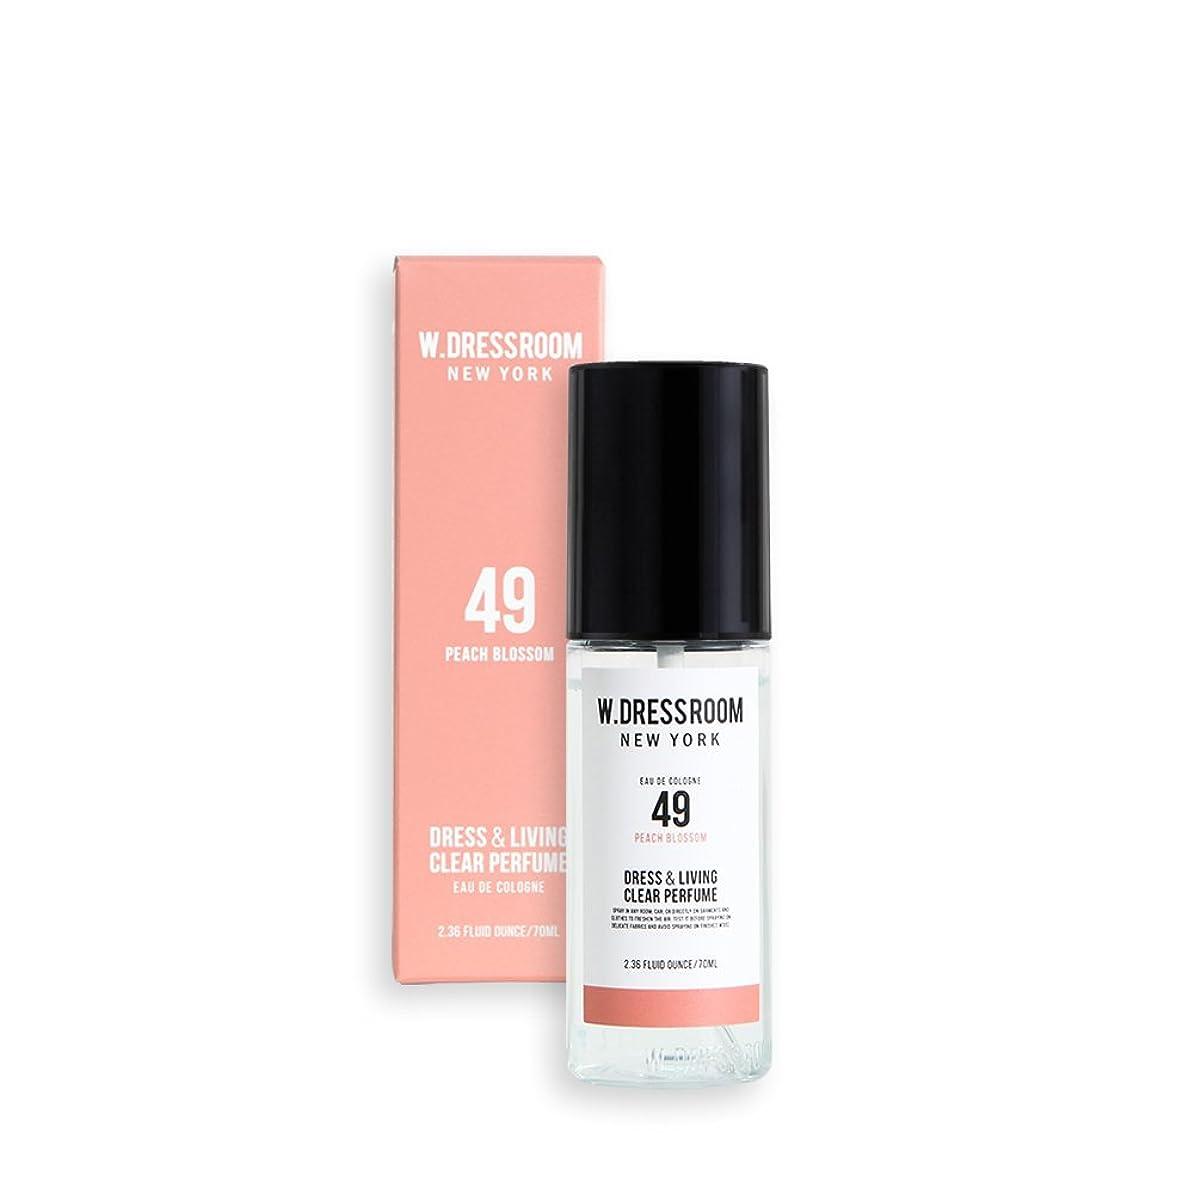 男性ビュッフェなすW.DRESSROOM Dress & Living Clear Perfume 70ml (#No.49 Peach Blossom)/ダブルドレスルーム ドレス&リビング クリア パフューム 70ml (#No.49 Peach Blossom) [並行輸入品]